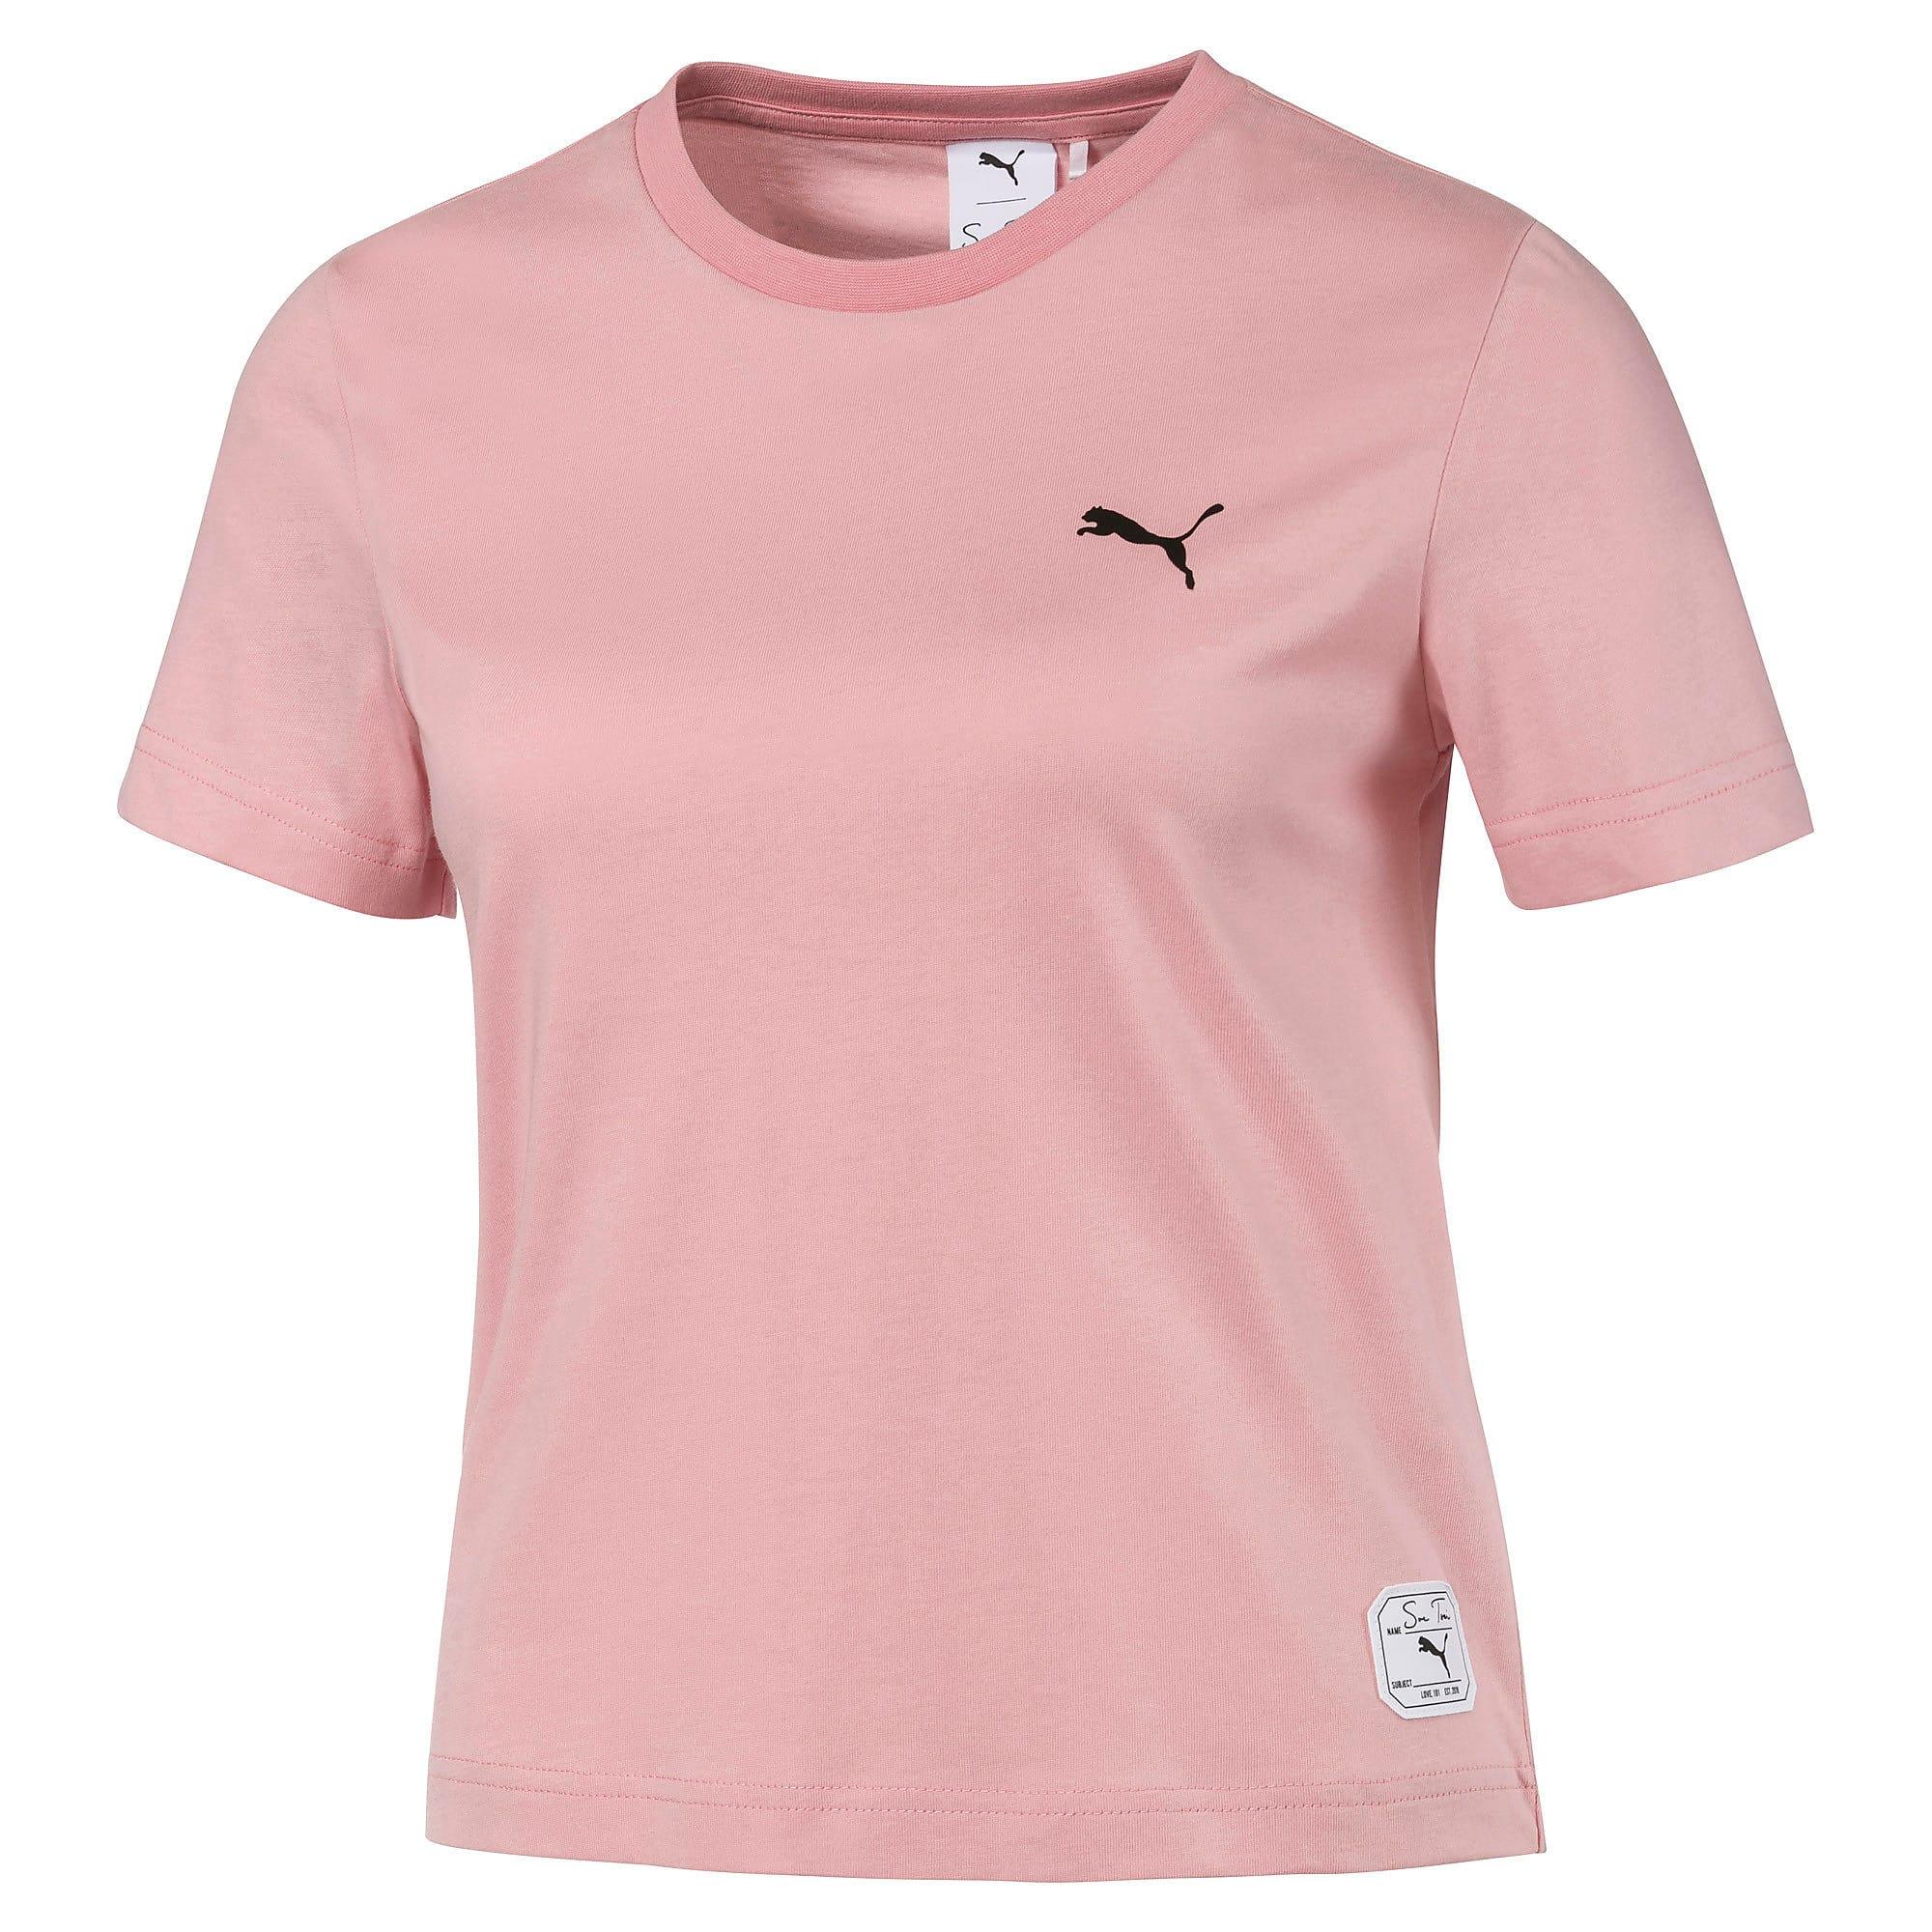 Thumbnail 1 of PUMA x SUE TSAI ウィメンズ Tシャツ, Bridal Rose, medium-JPN